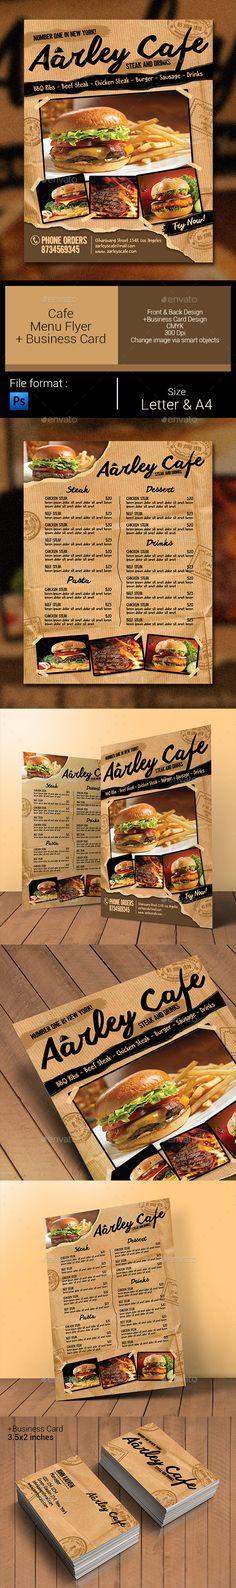 Cafe Menu Flyer + Business Card Template #design Download: http://graphicriver.net/item/cafe-menu-flyer-business-card/11330096?ref=ksioks